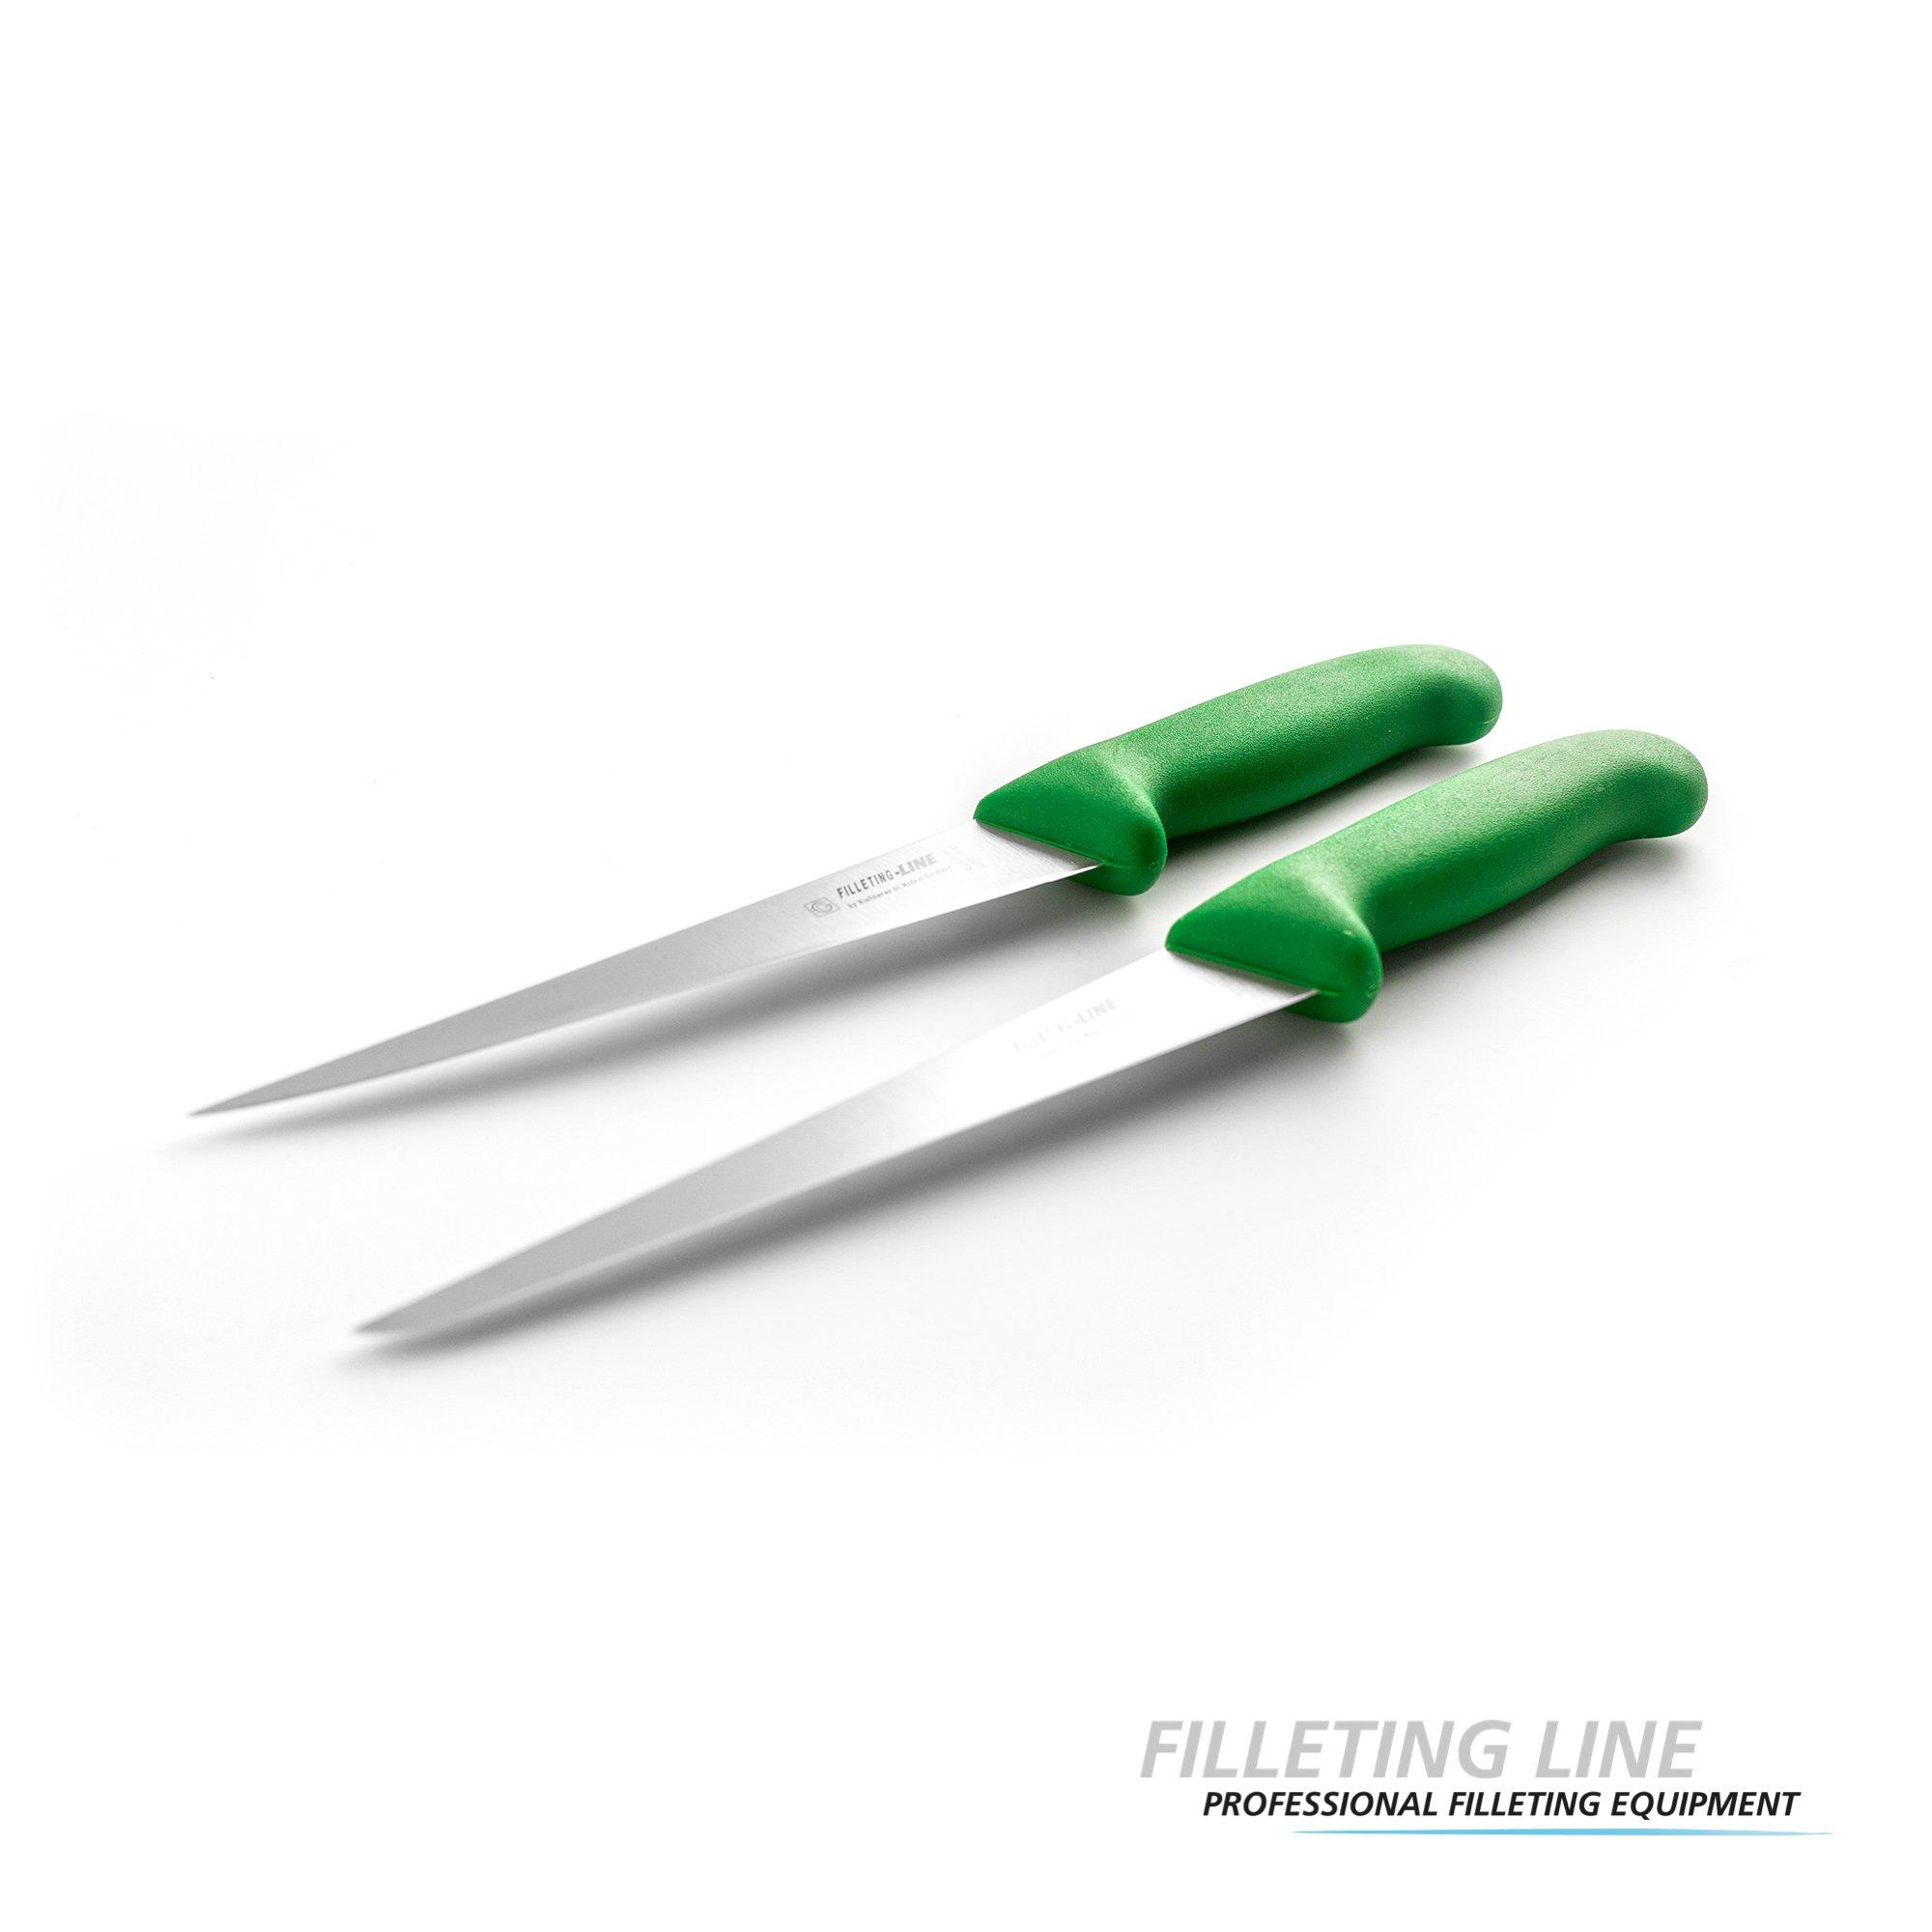 FILLETING LINE_2000x2000_SET_logo-43